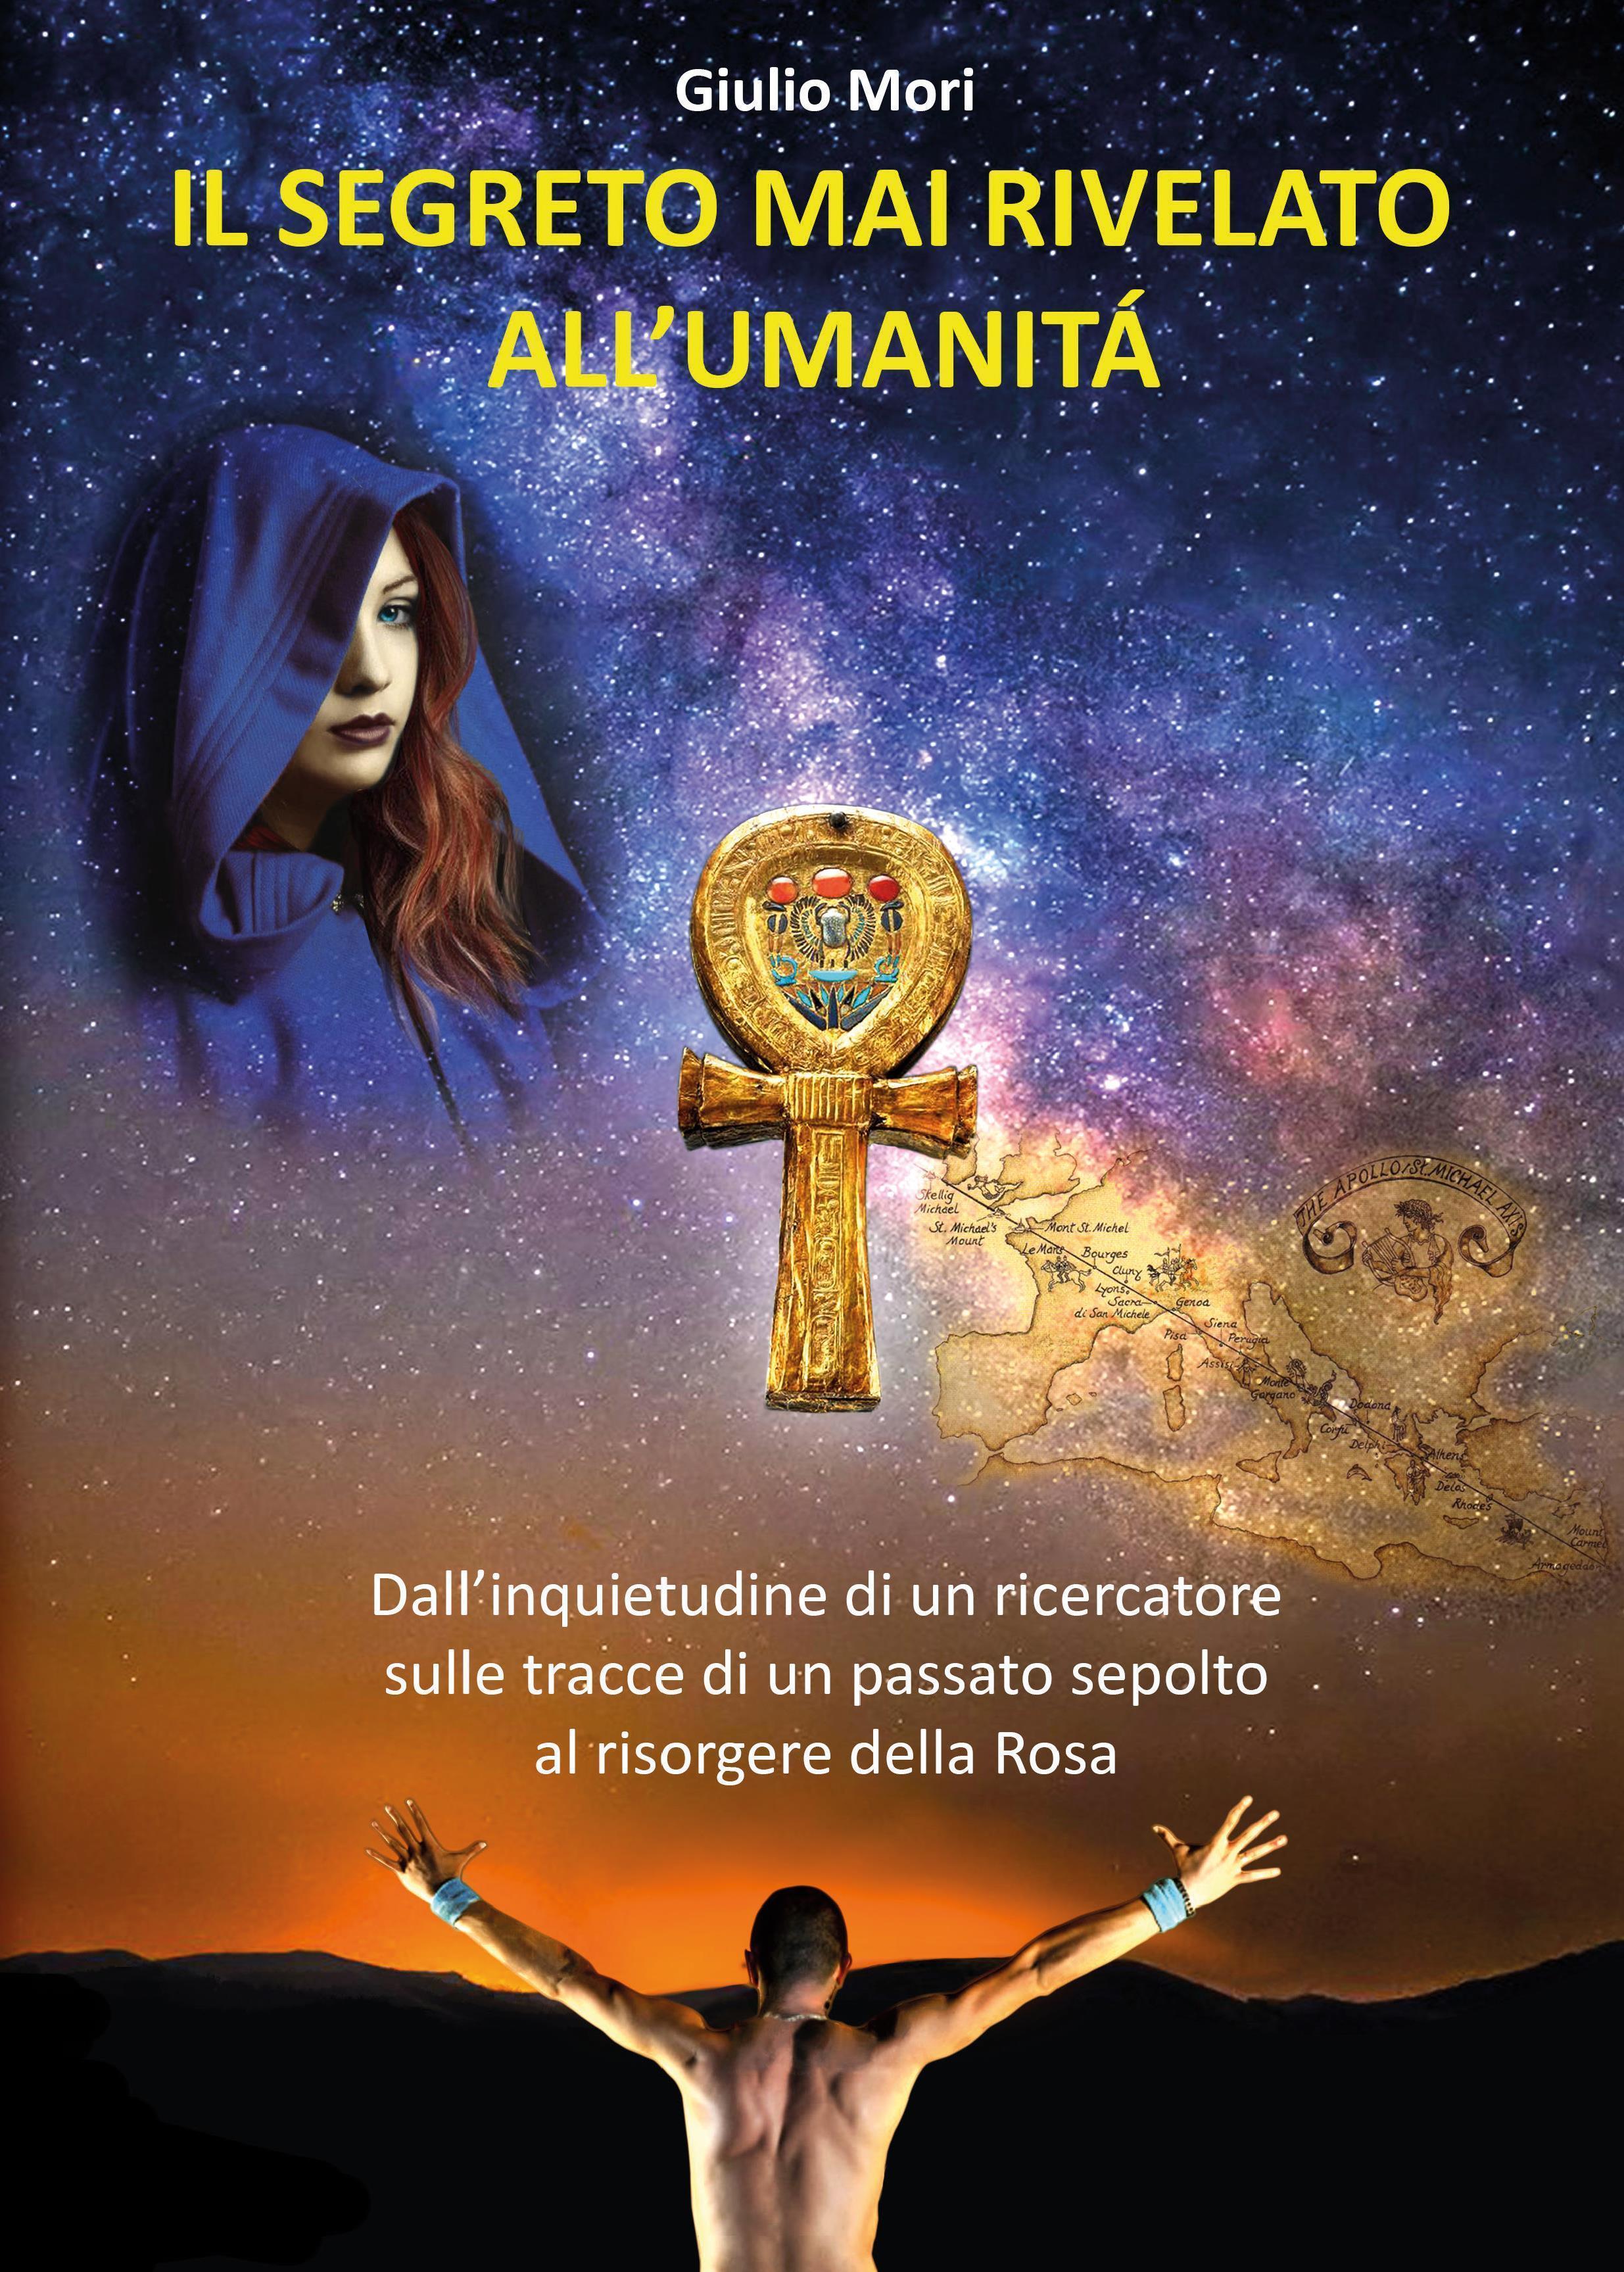 """Il Segreto mai Rivelato all'Umanità""""Sottotitolo: """"Dall'inquietudine di un ricercatore sulle tracce di un passato sepolto al risorgere della Rosa"""